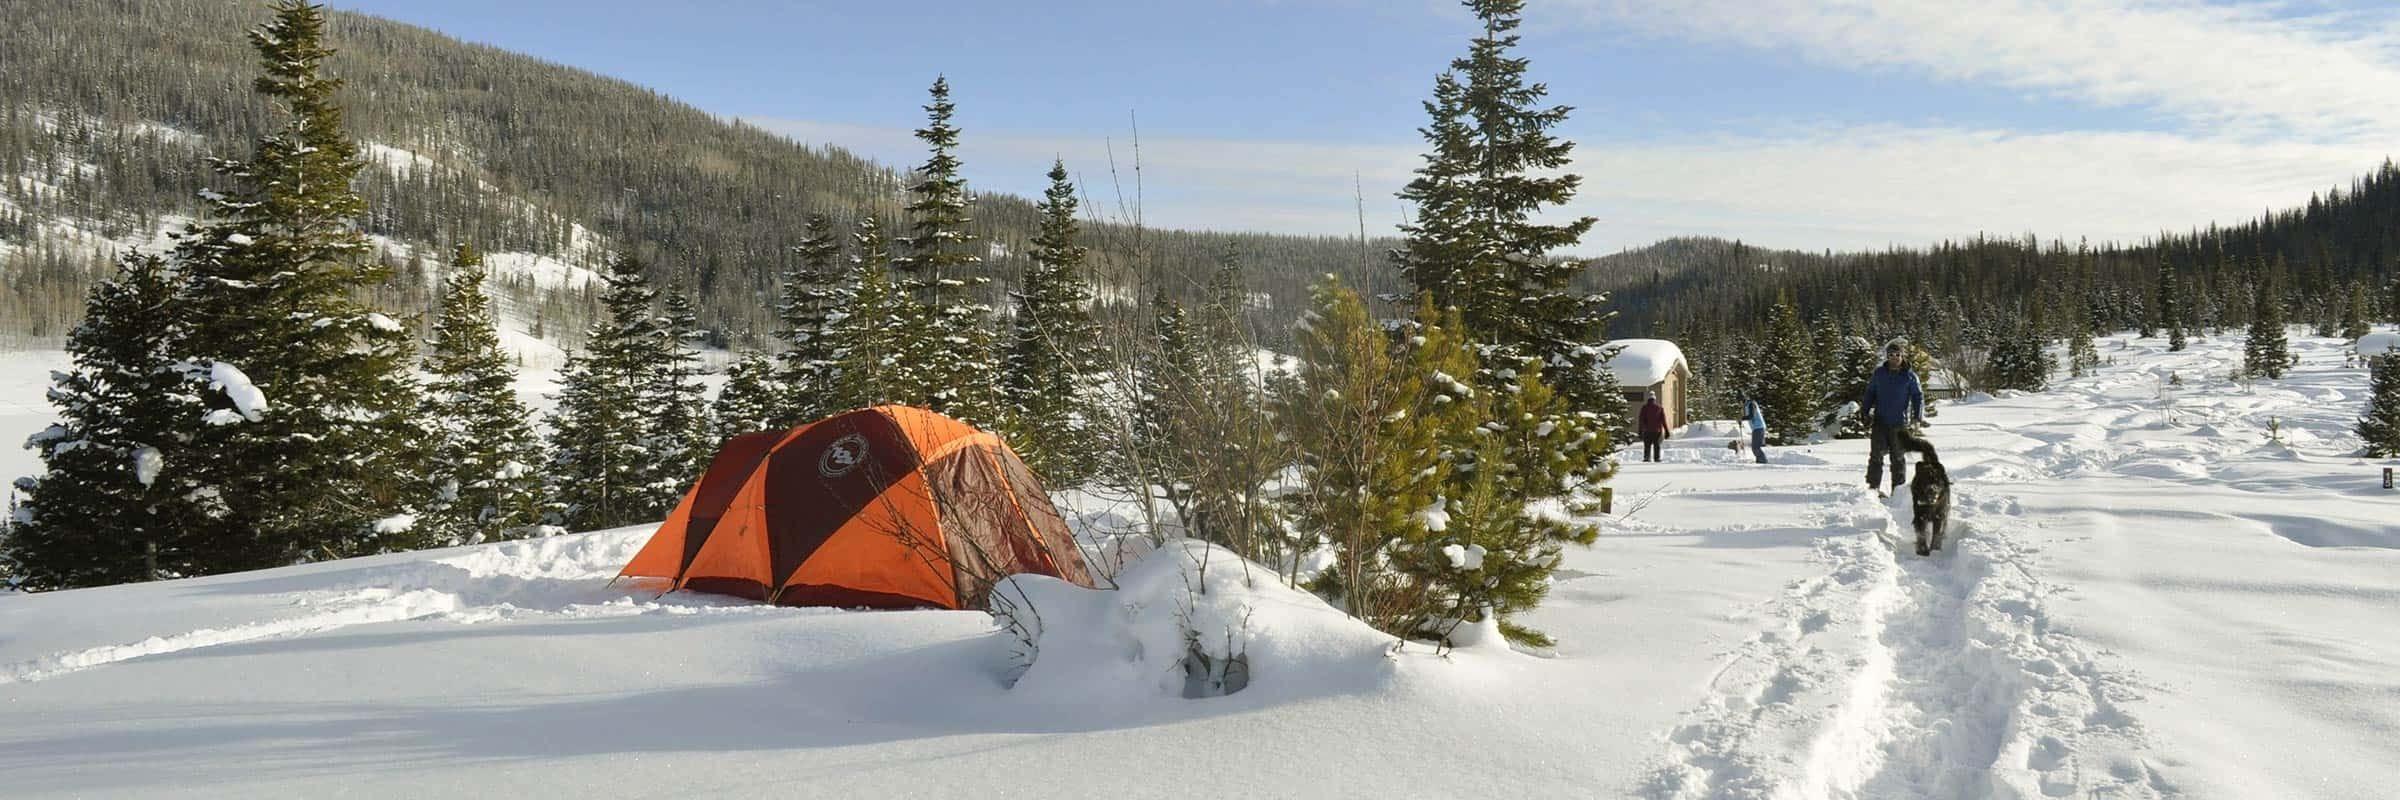 Les meilleures tentes 4 saisons pour le camping d'hiver